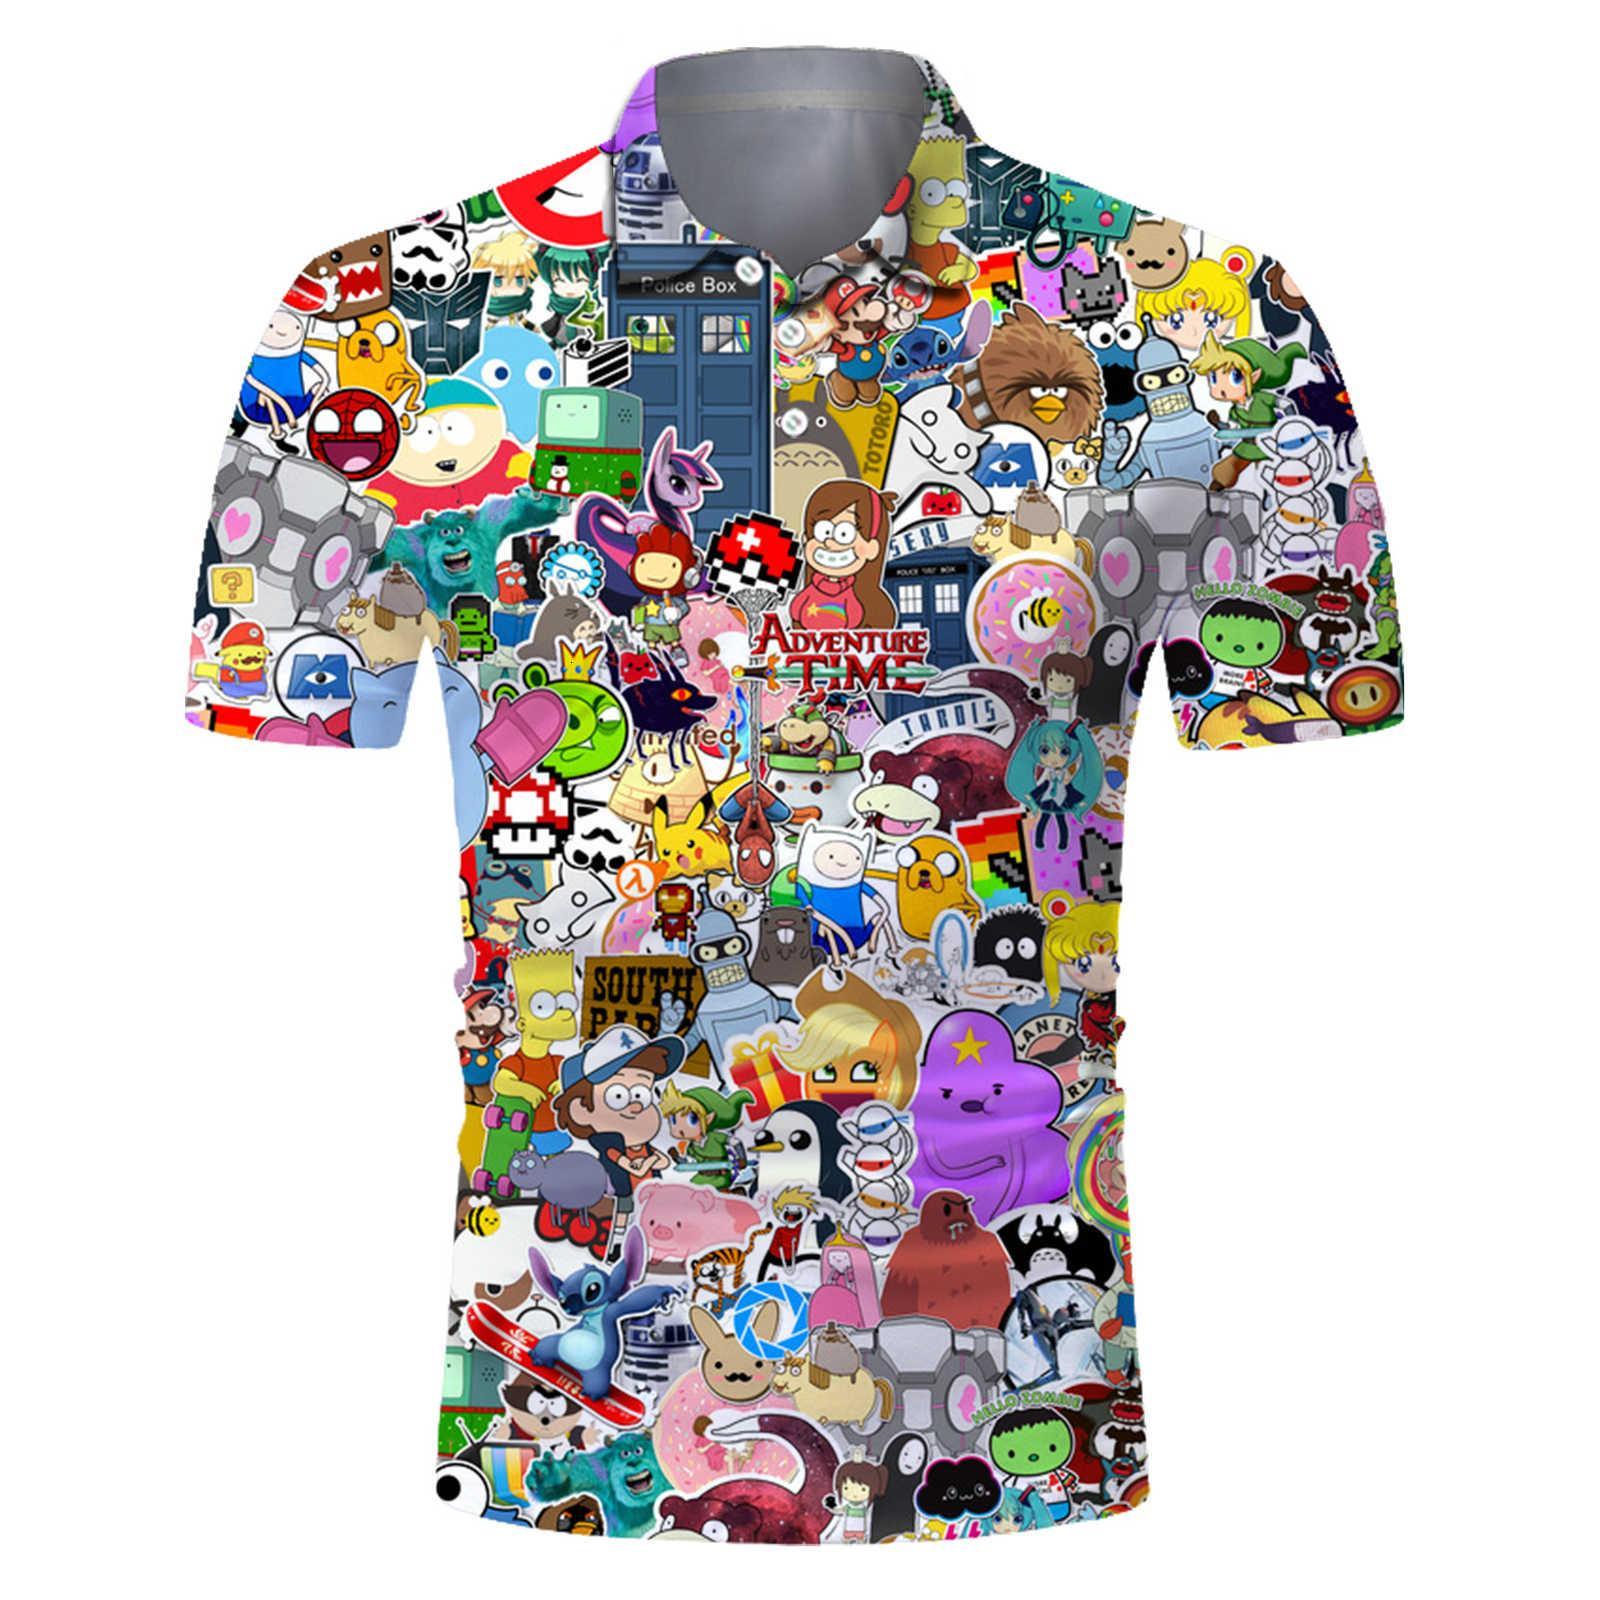 2021 New Polo Shirt 3D Stampa digitale manica corta a maniche corte allentata T-shirt a risvolto rapido Asciugatura T-shirt PO154